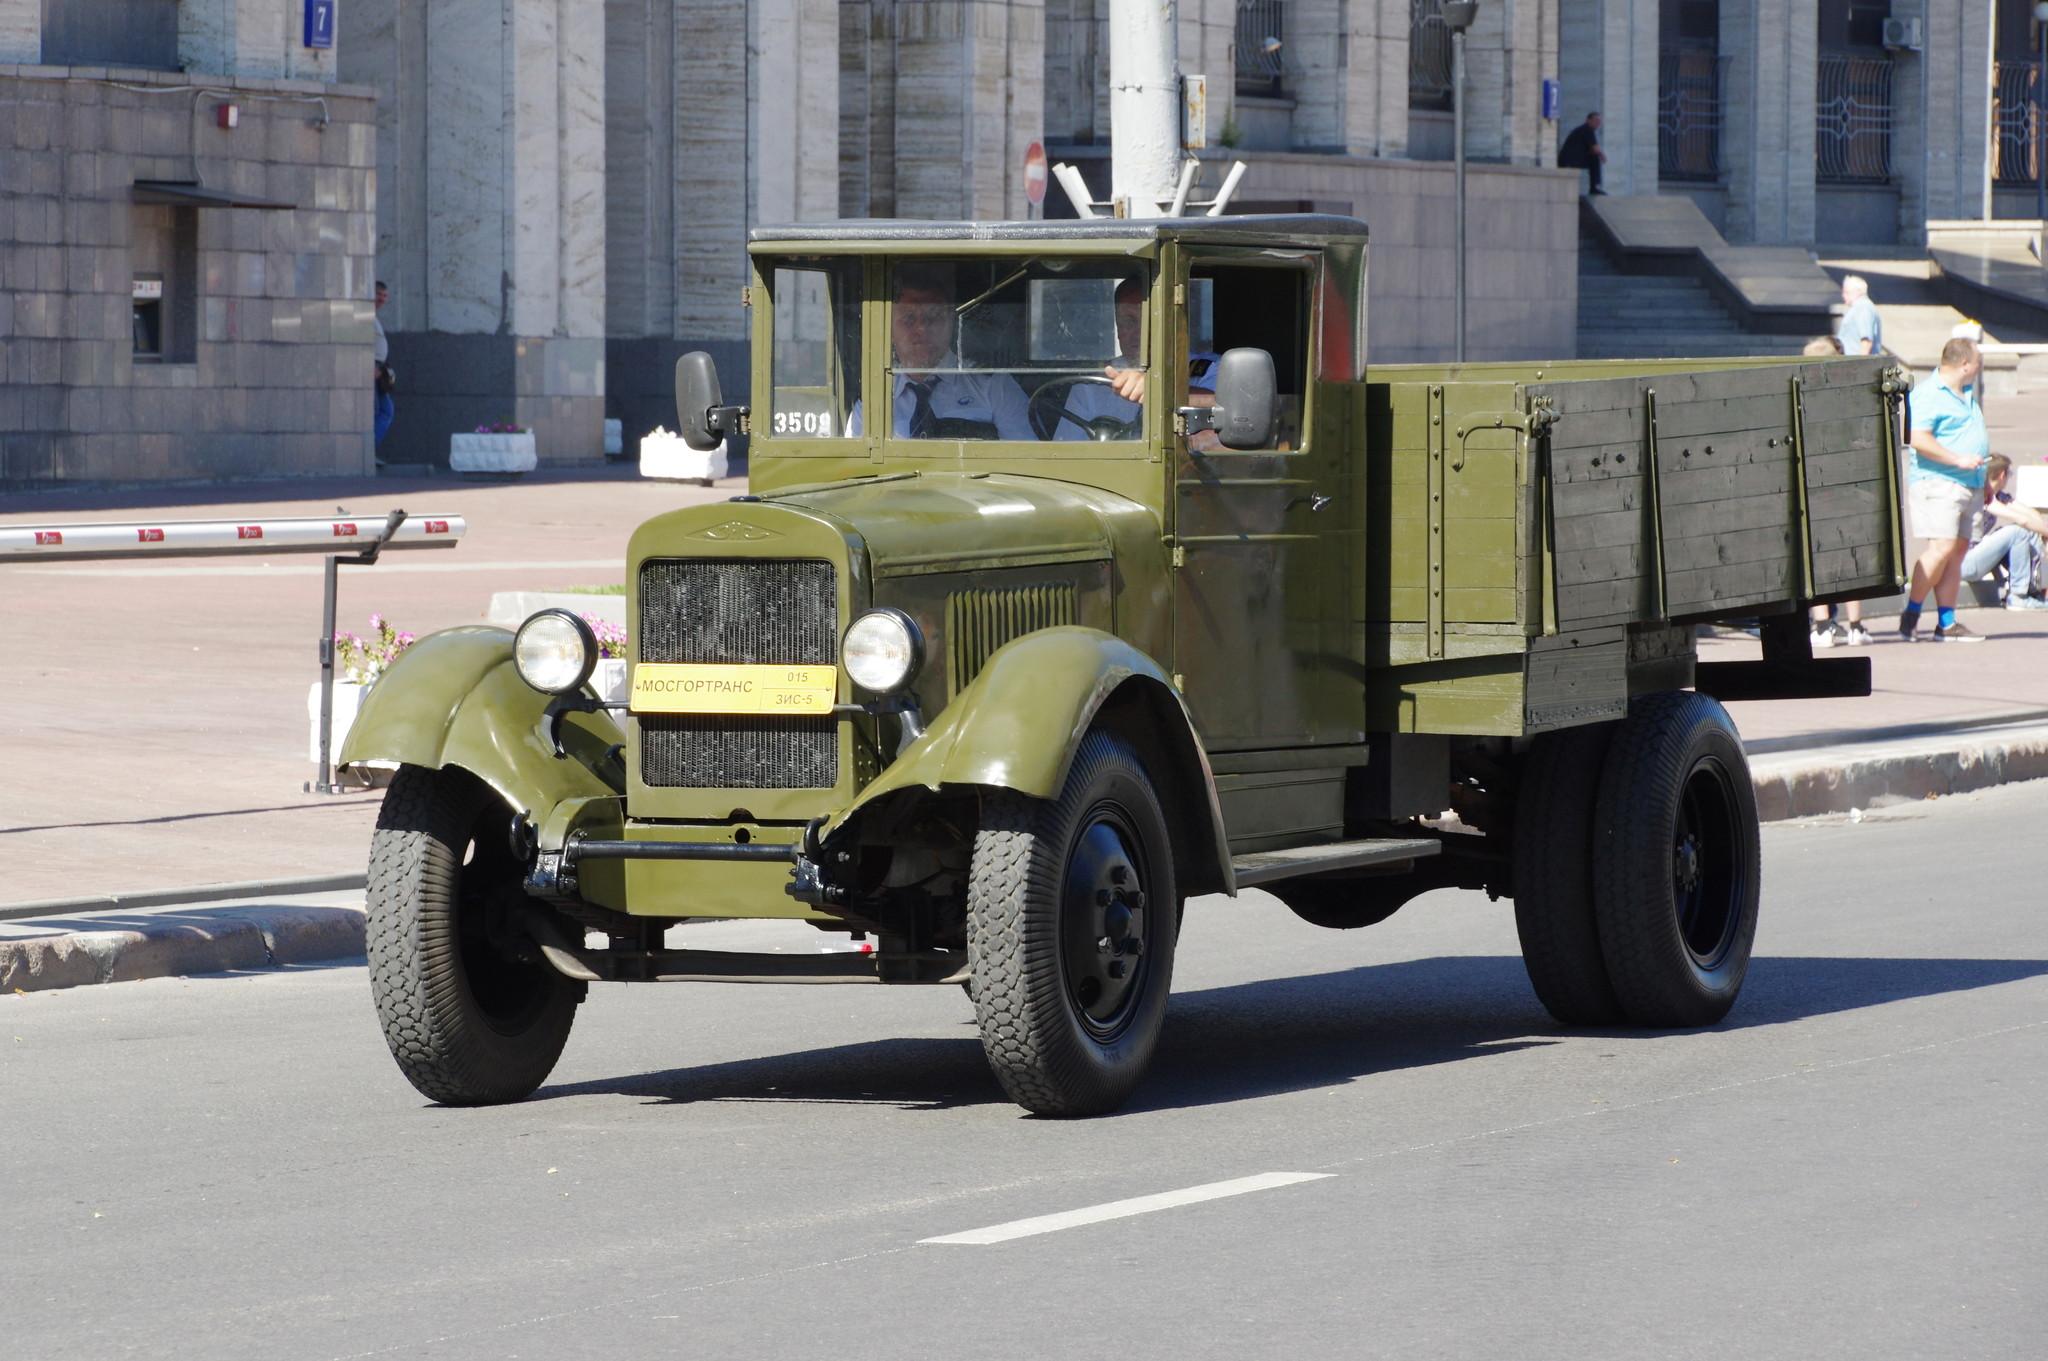 Грузовой автомобиль ЗИС-5 («трёхтонка»)